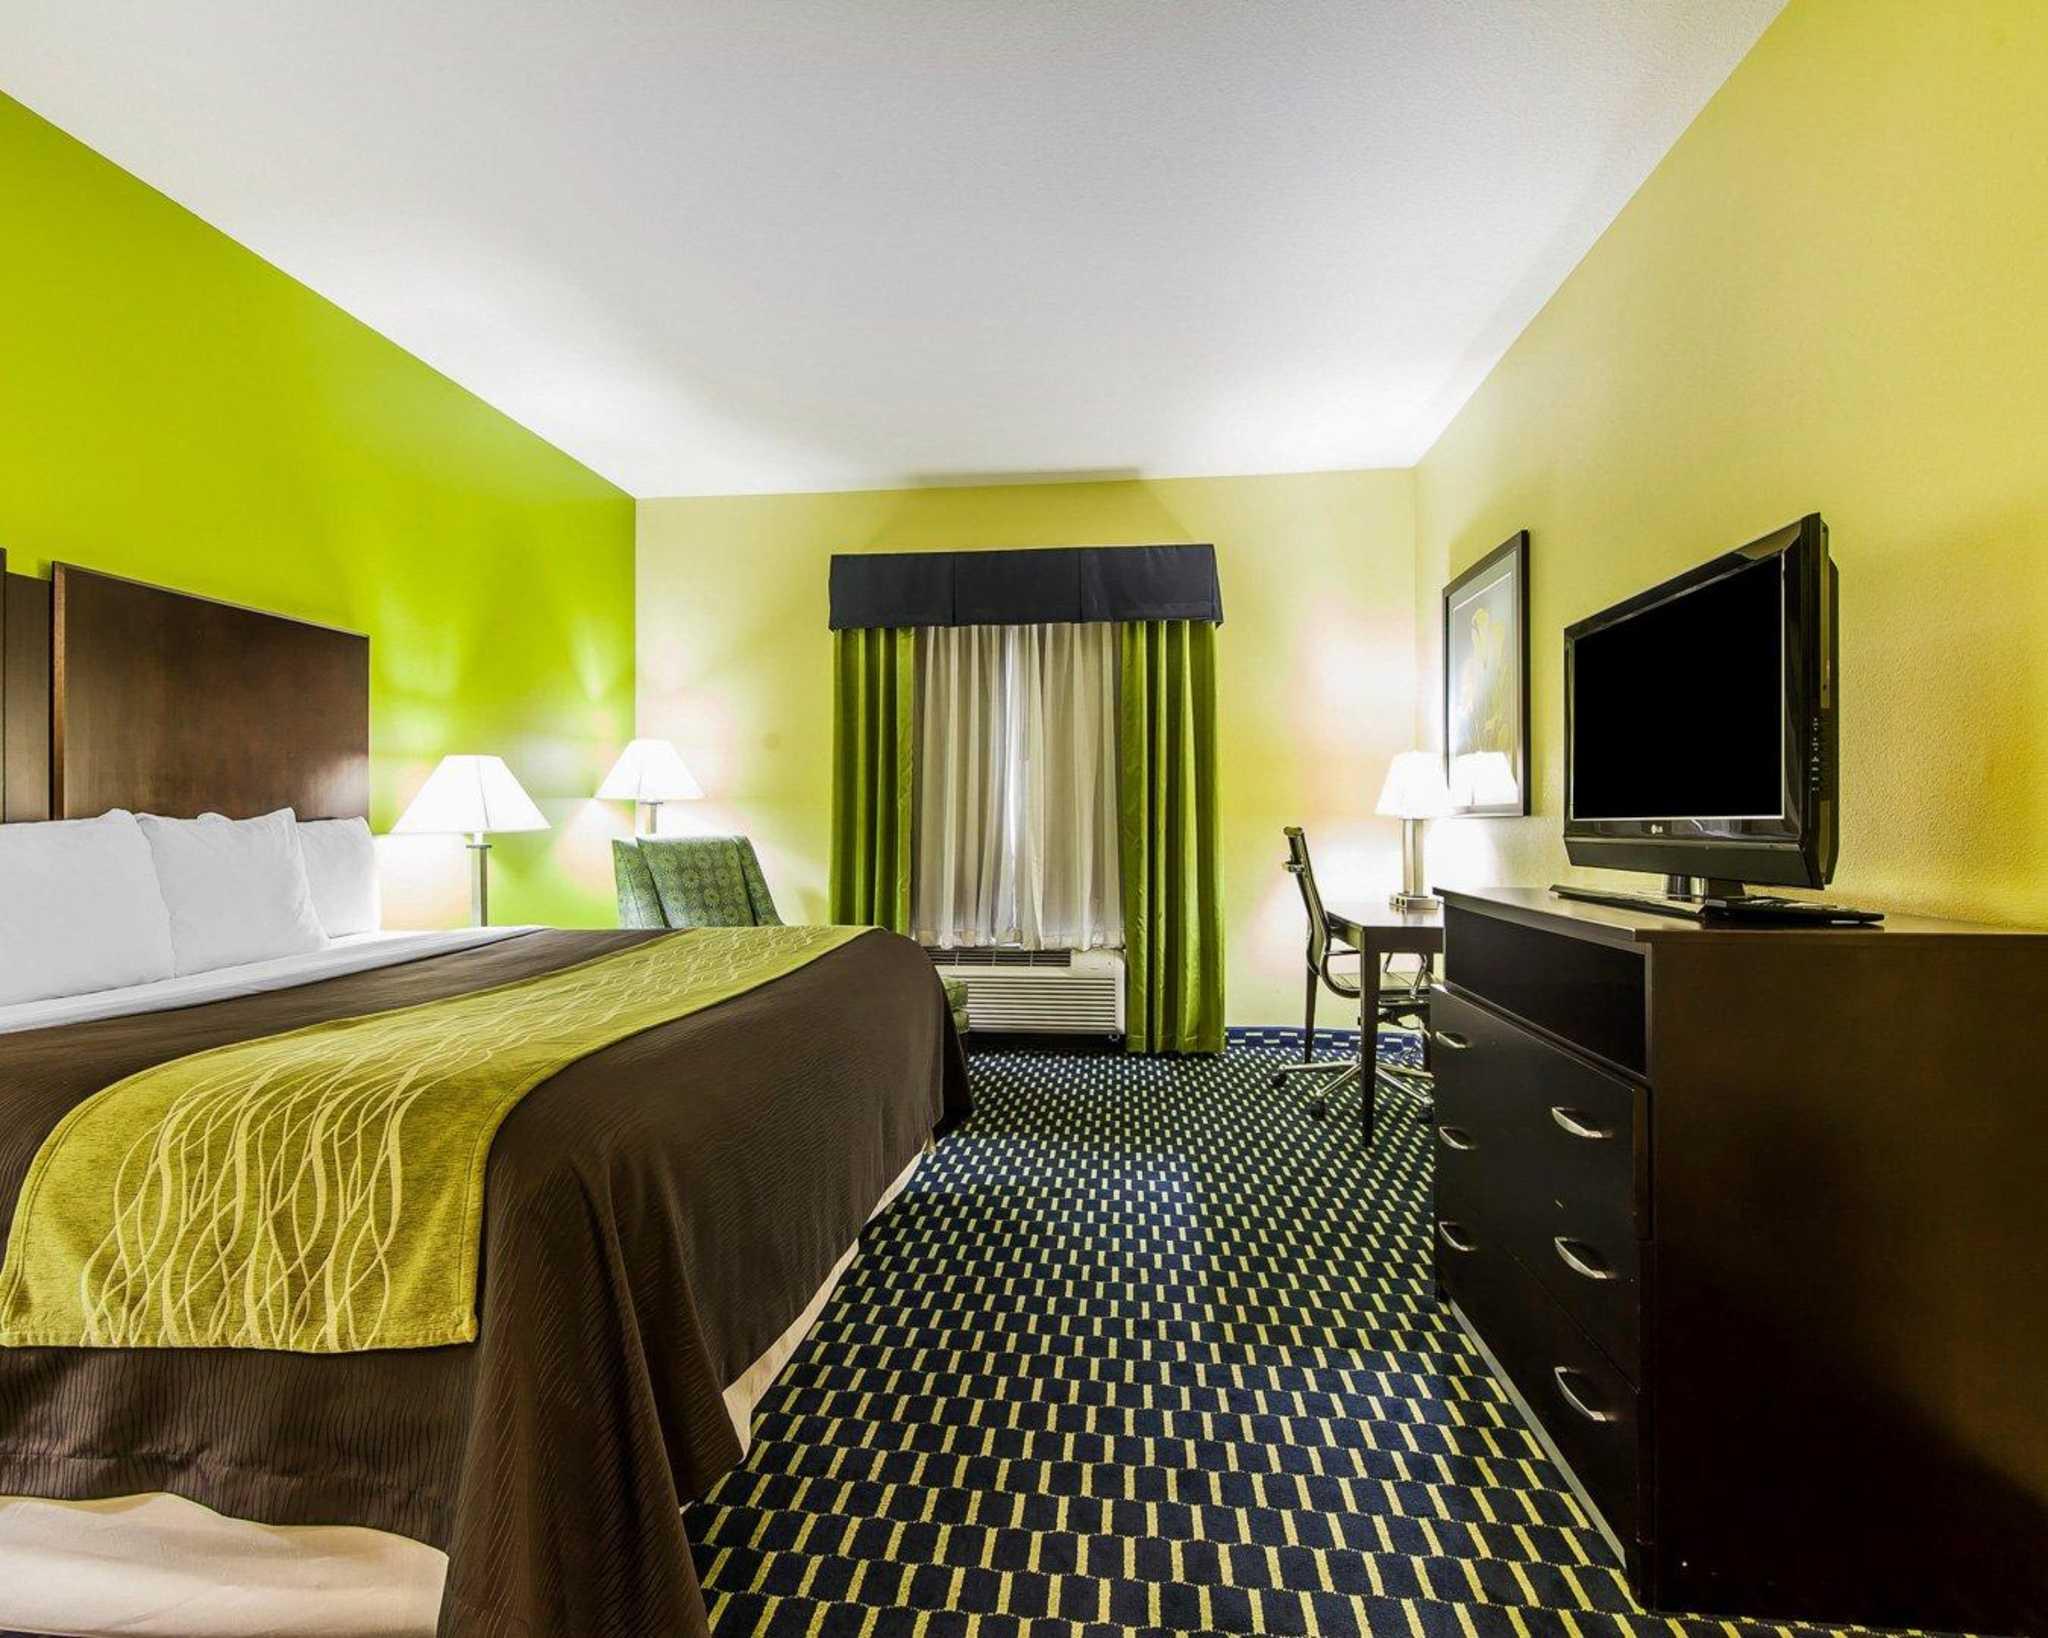 Comfort Inn image 39